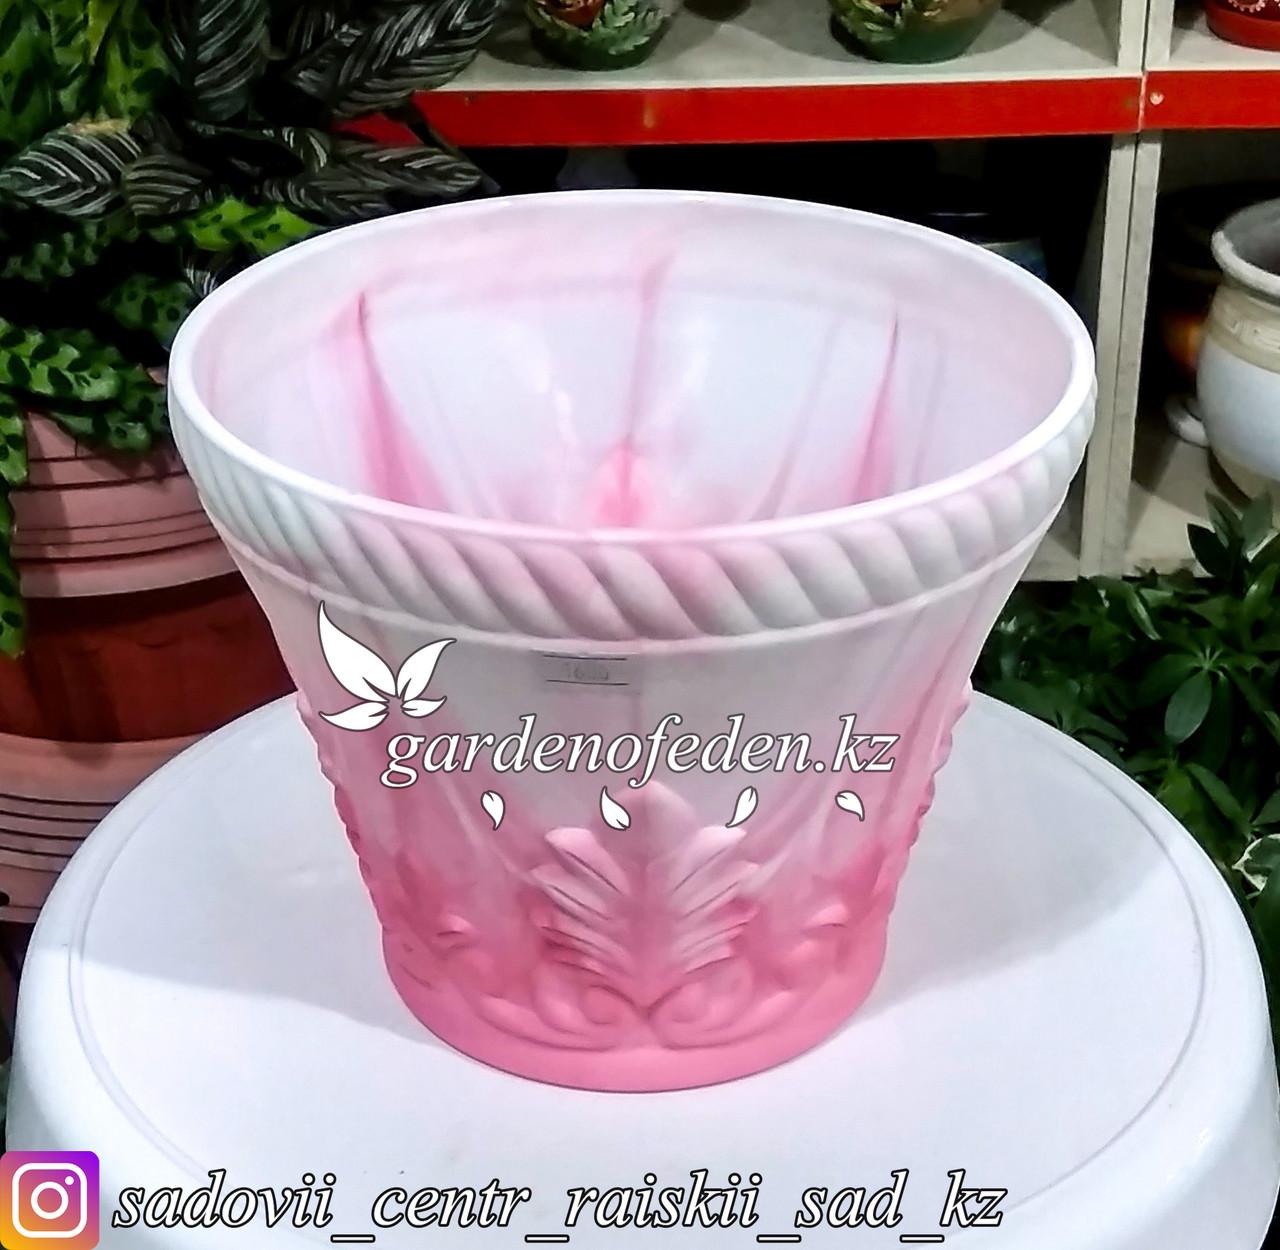 Пластиковое кашпо. Цвет: Белый с розовым. Объем: 2л